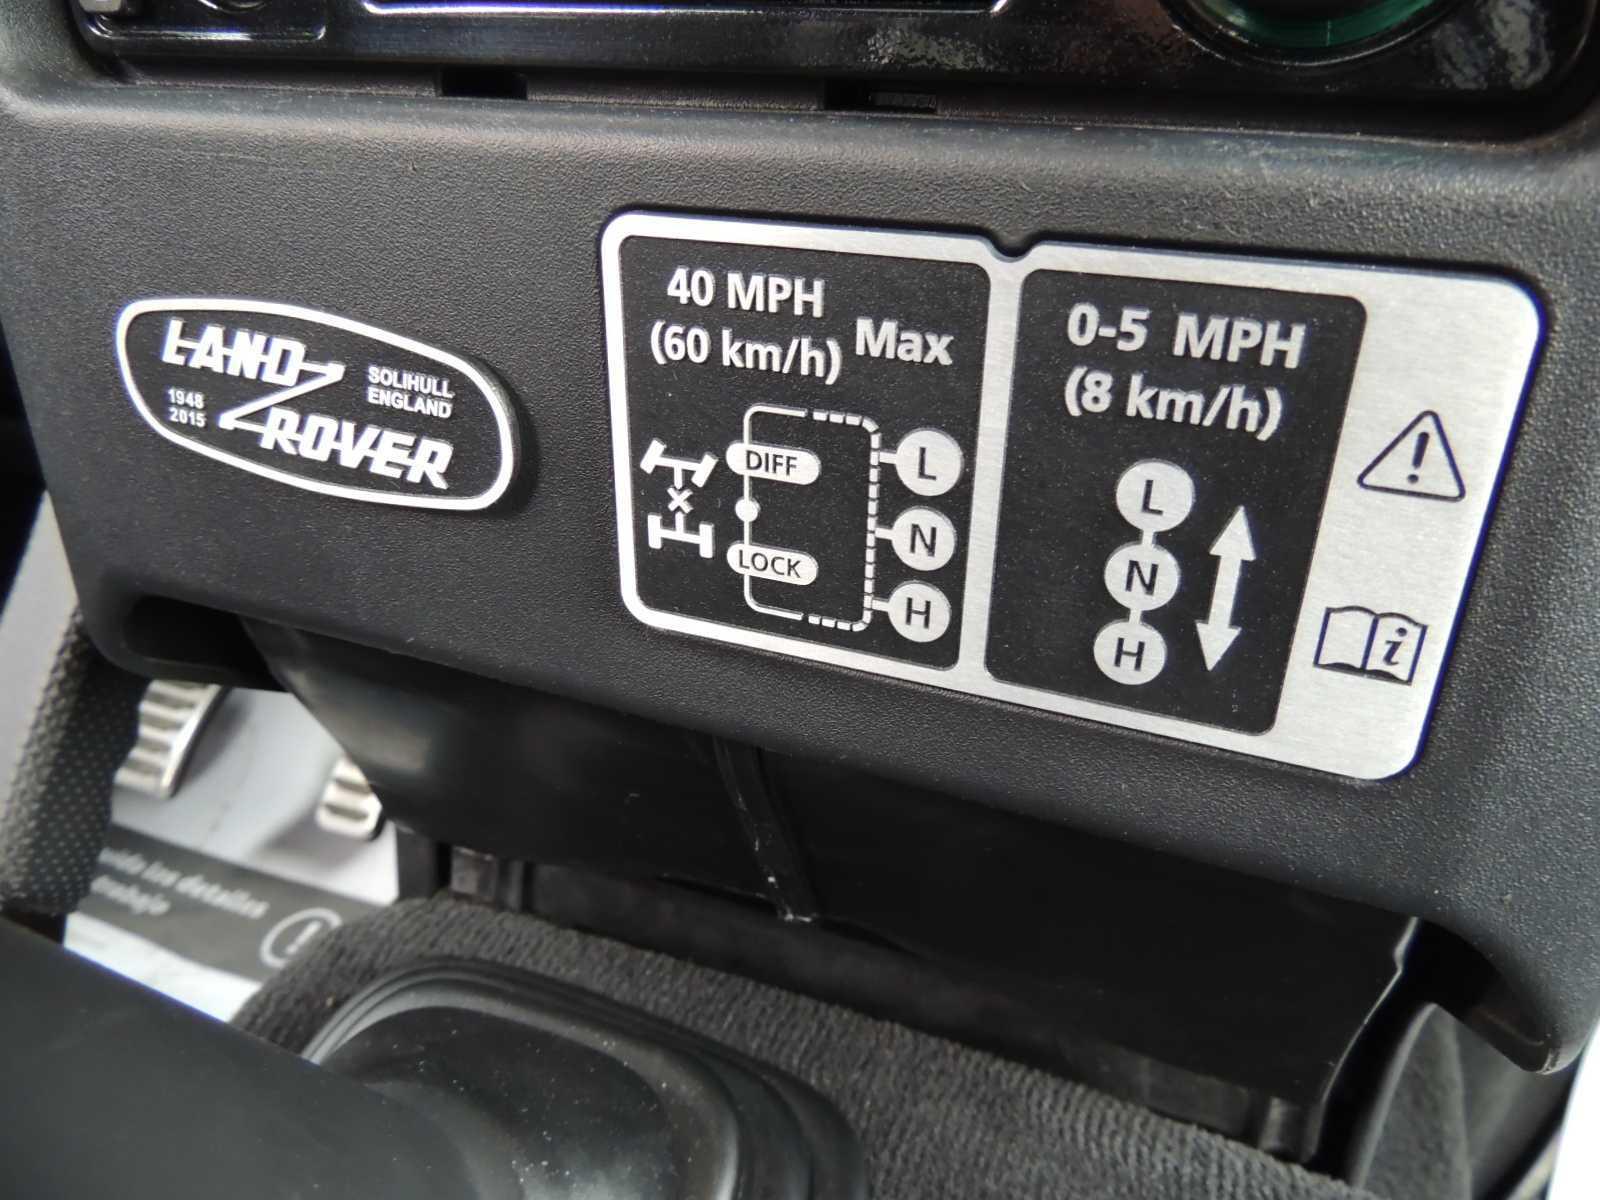 Land Rover Defender Adventure Clasicos Rutamotor (33)